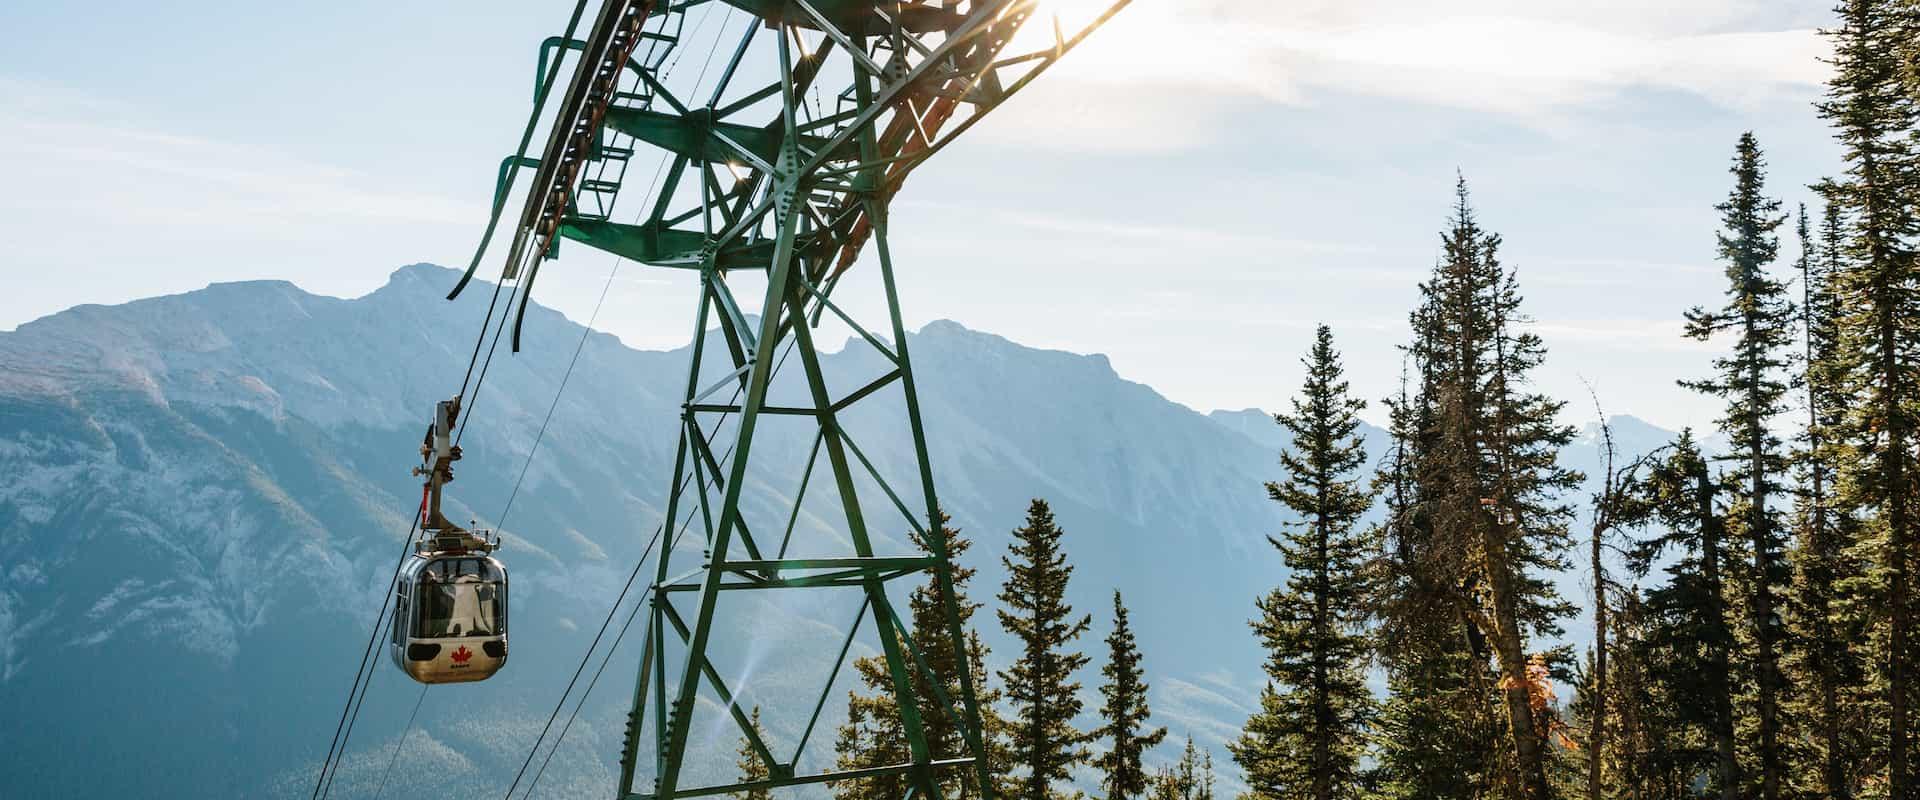 Banff Gondola + Lake Cruise